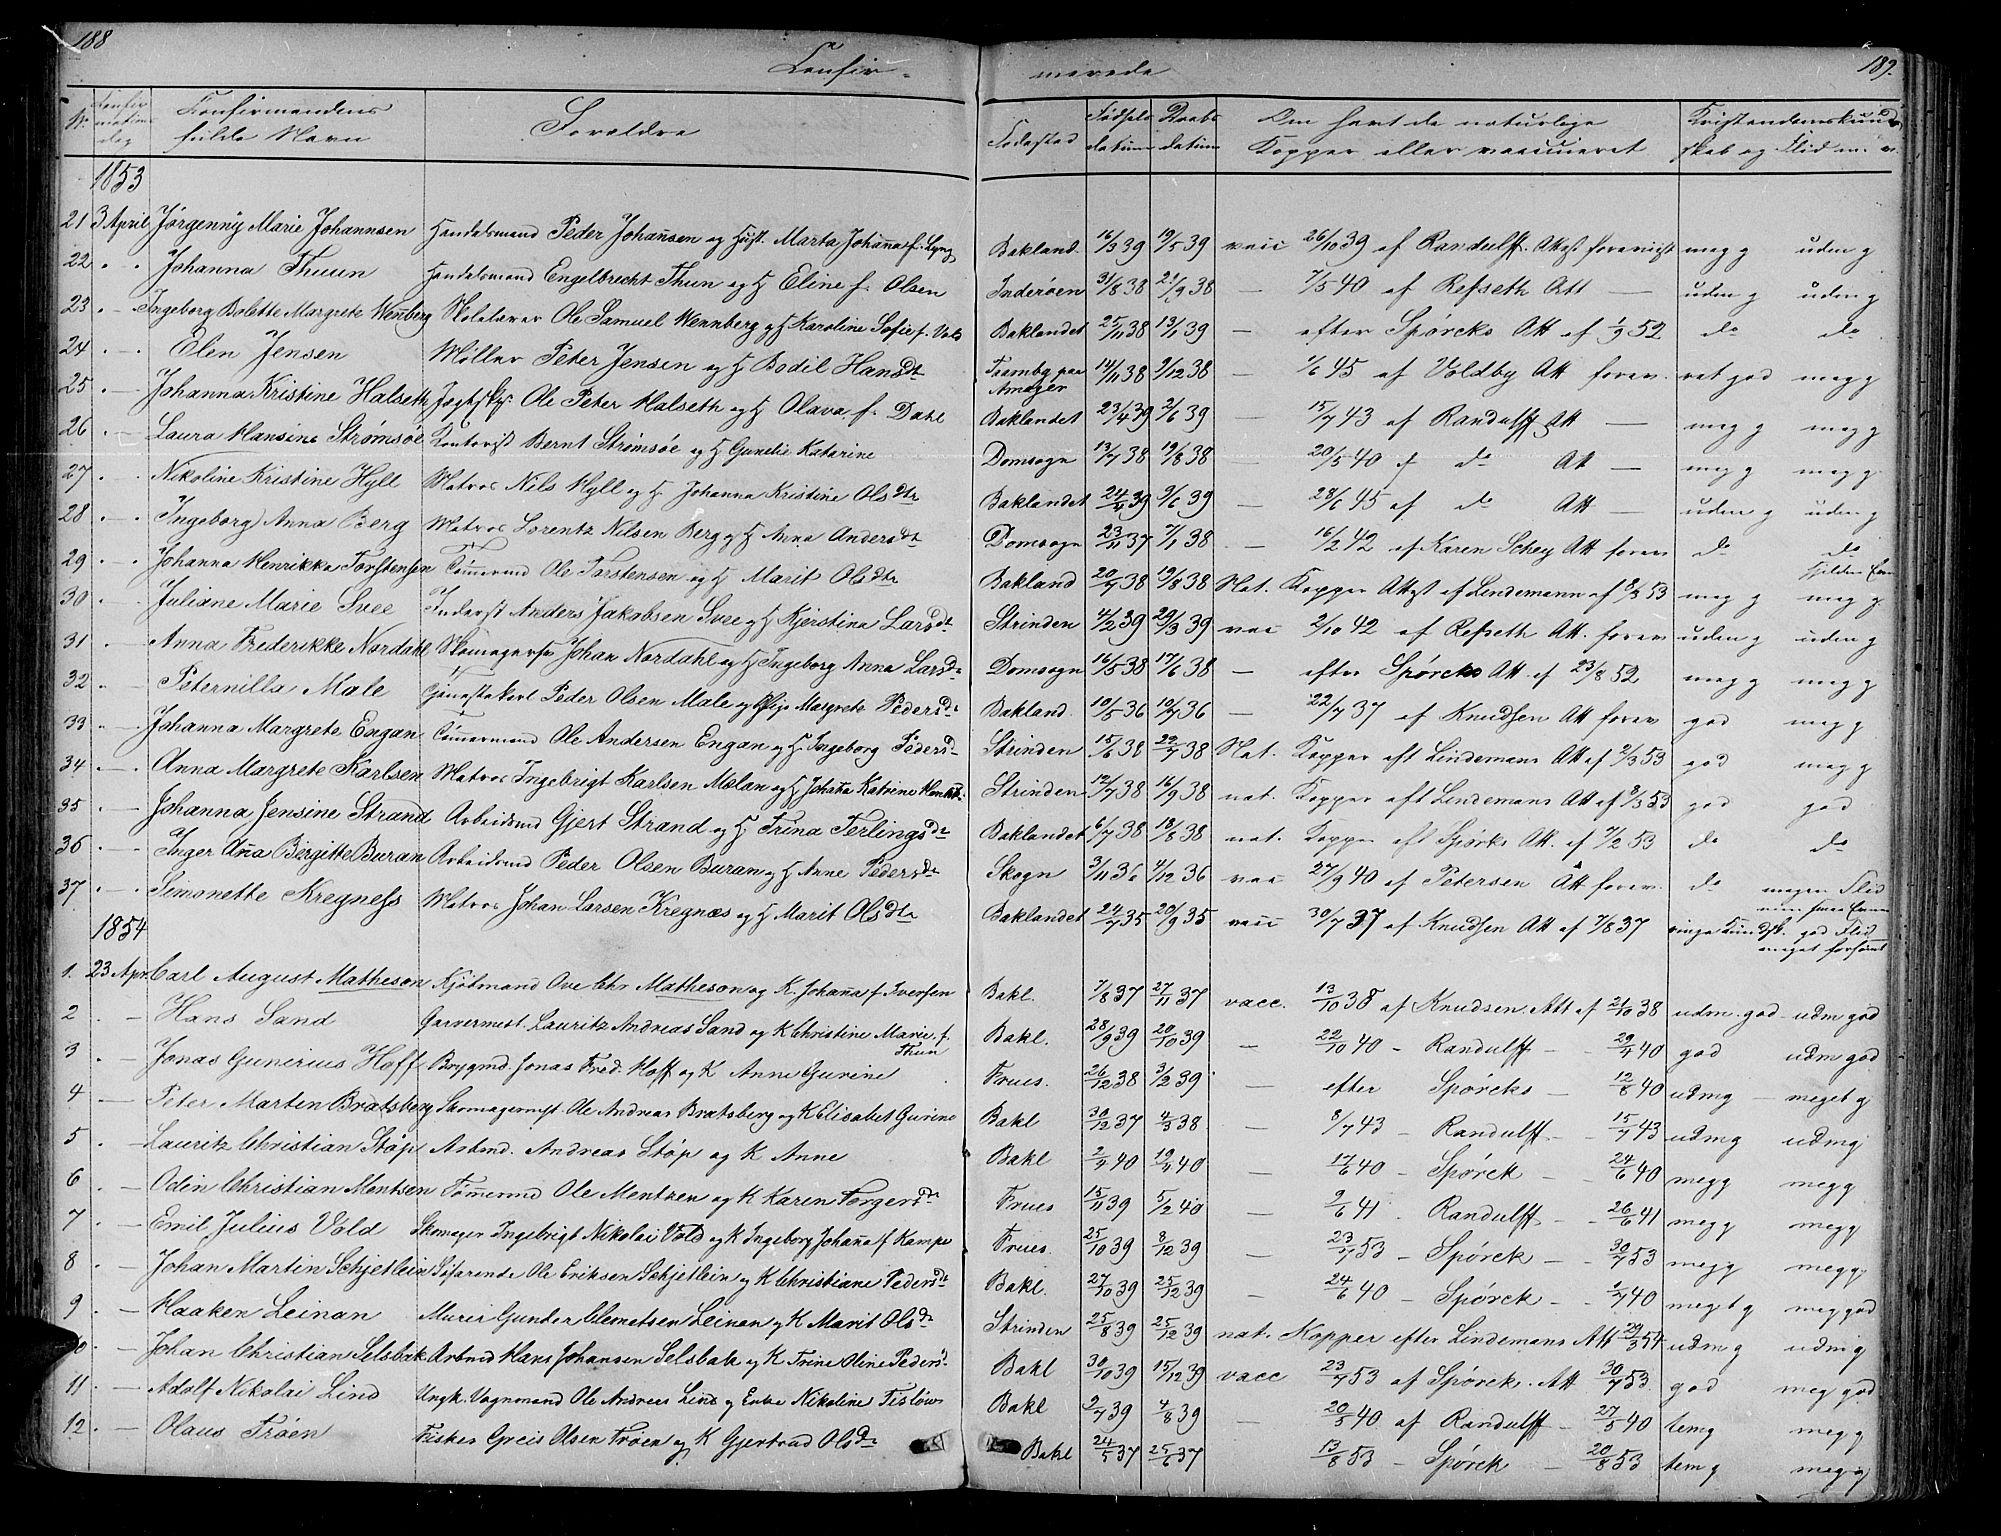 SAT, Ministerialprotokoller, klokkerbøker og fødselsregistre - Sør-Trøndelag, 604/L0219: Klokkerbok nr. 604C02, 1851-1869, s. 188-189